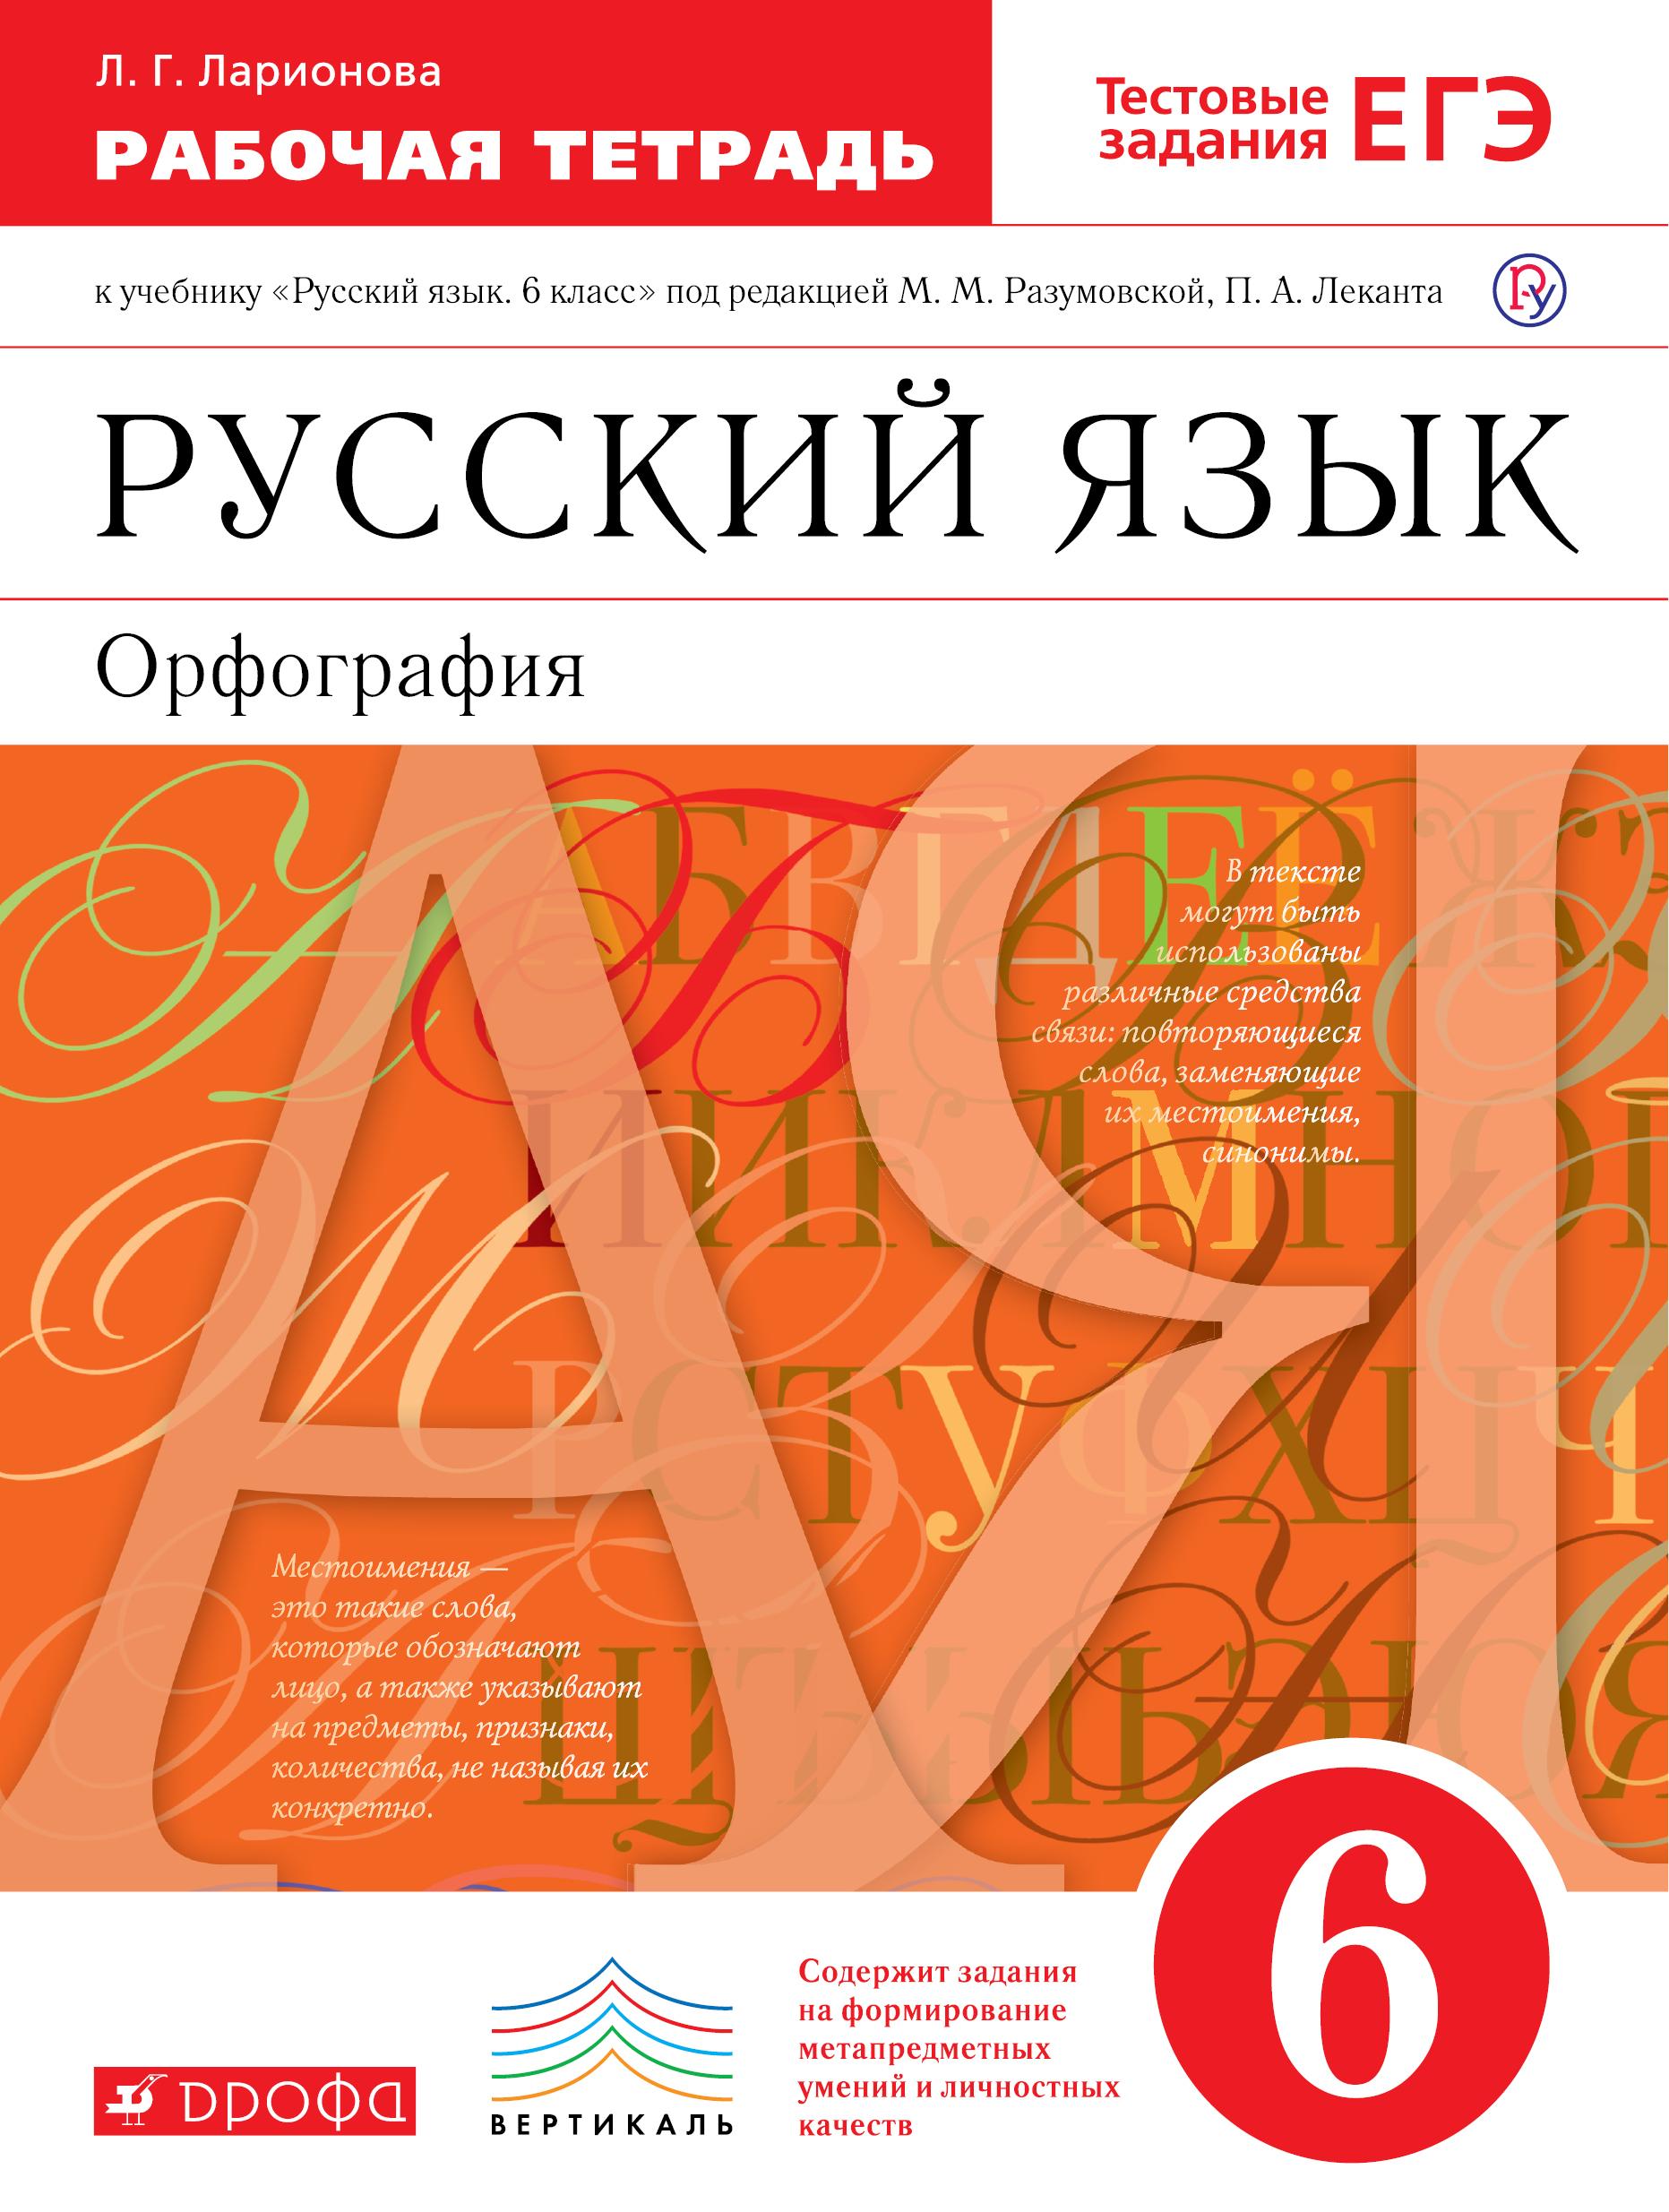 Русский язык. 6 класс. Орфография. Рабочая тетрадь, Л. Г. Ларионова